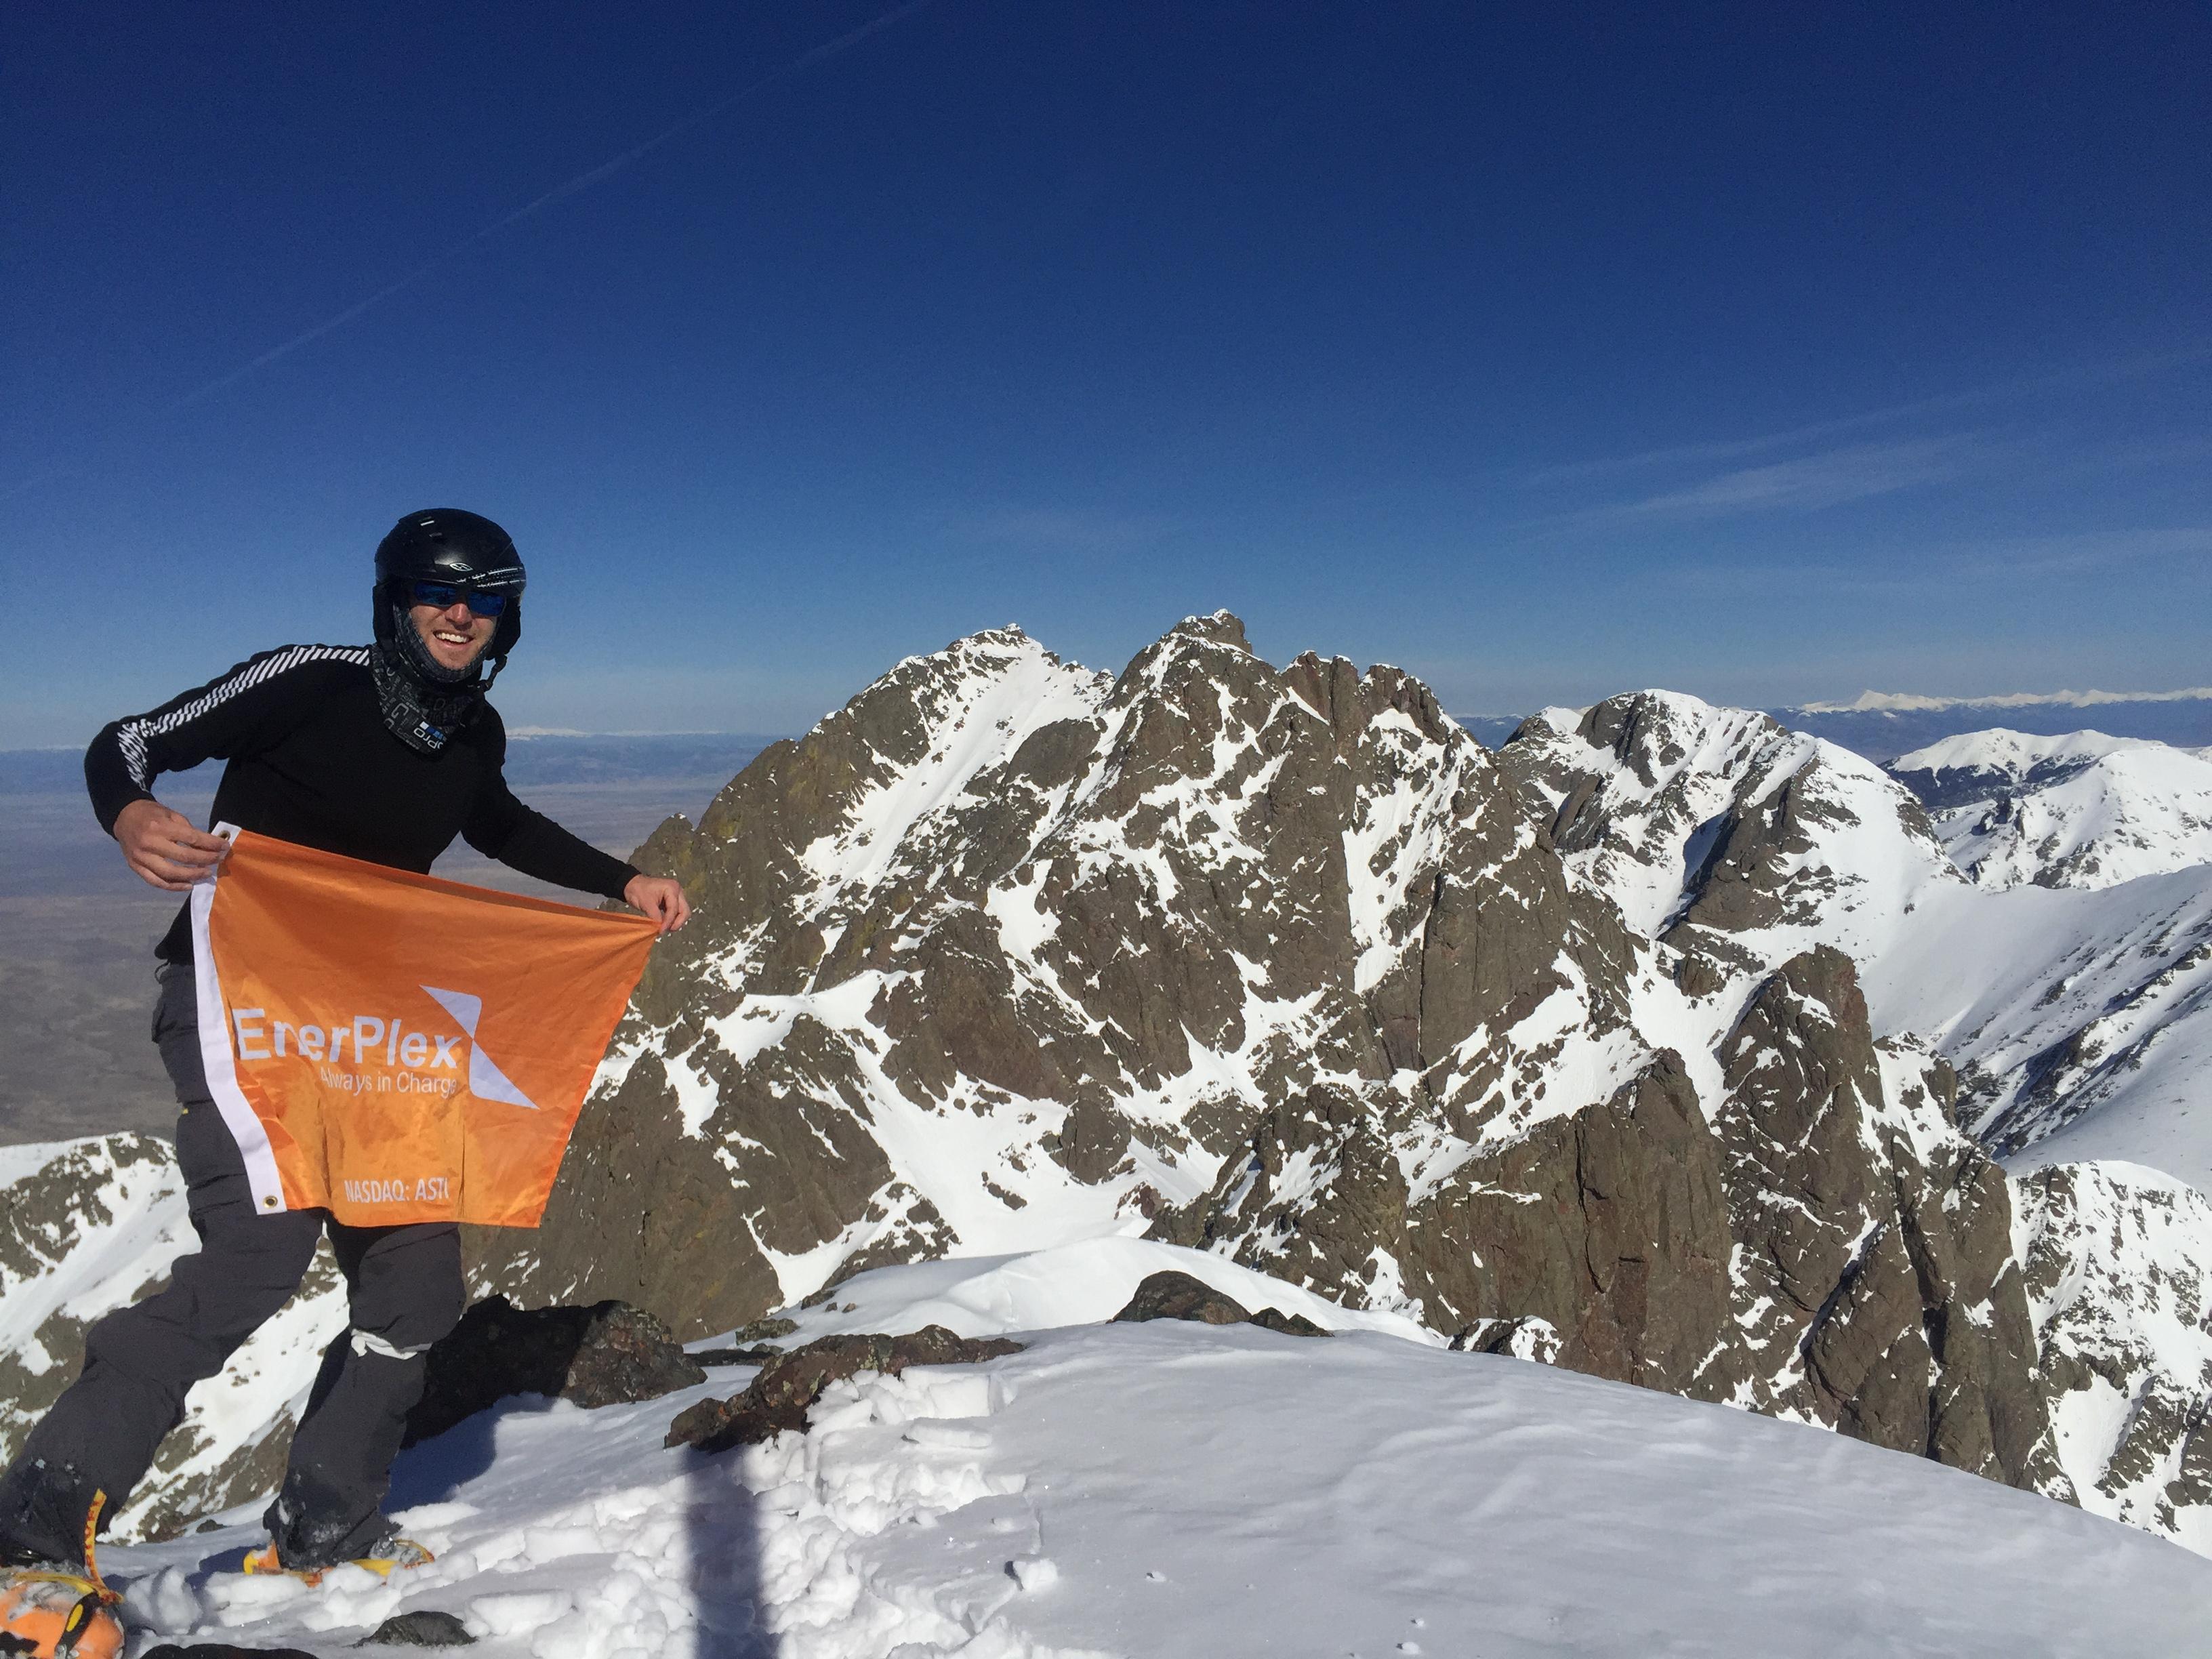 Summit 14,197'.